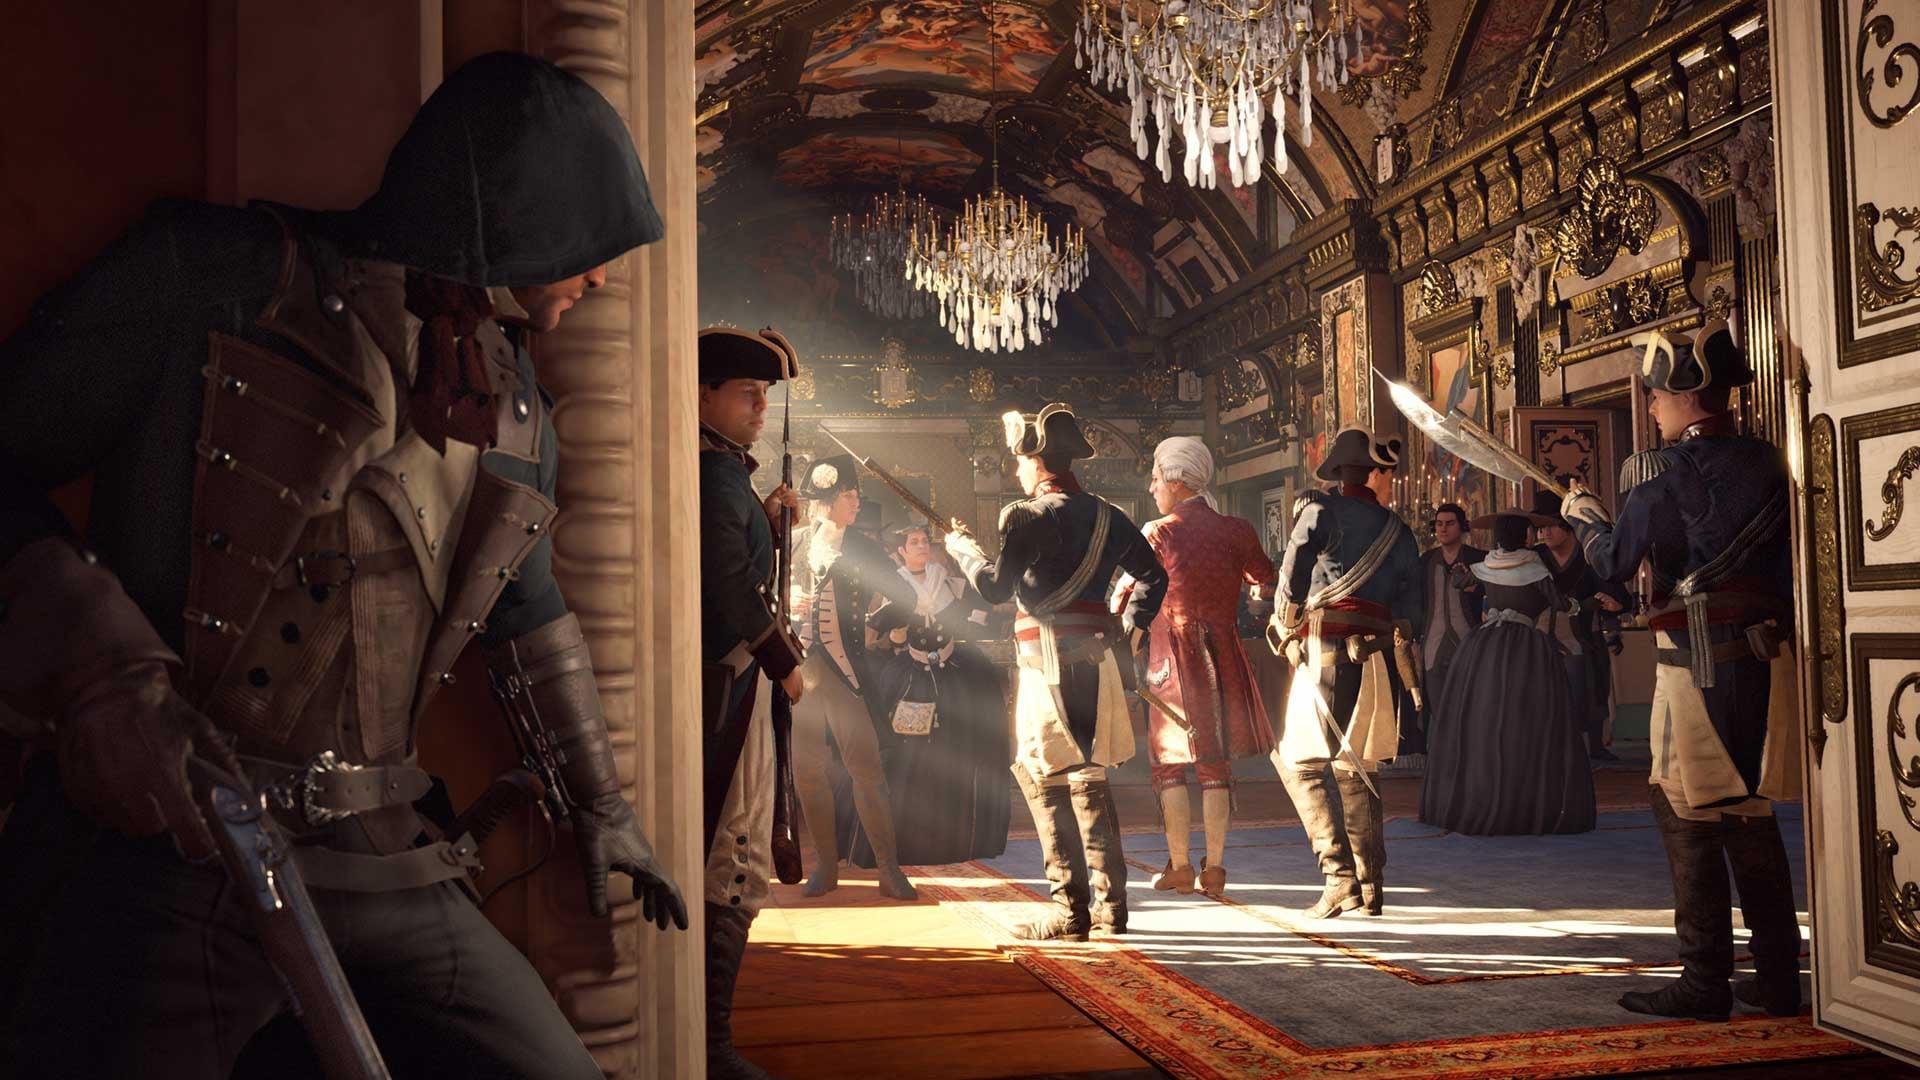 Chcesz zostać asasynem w XVIII-wiecznym Paryżu? Assassin's Creed Unity do wyrwania za darmo